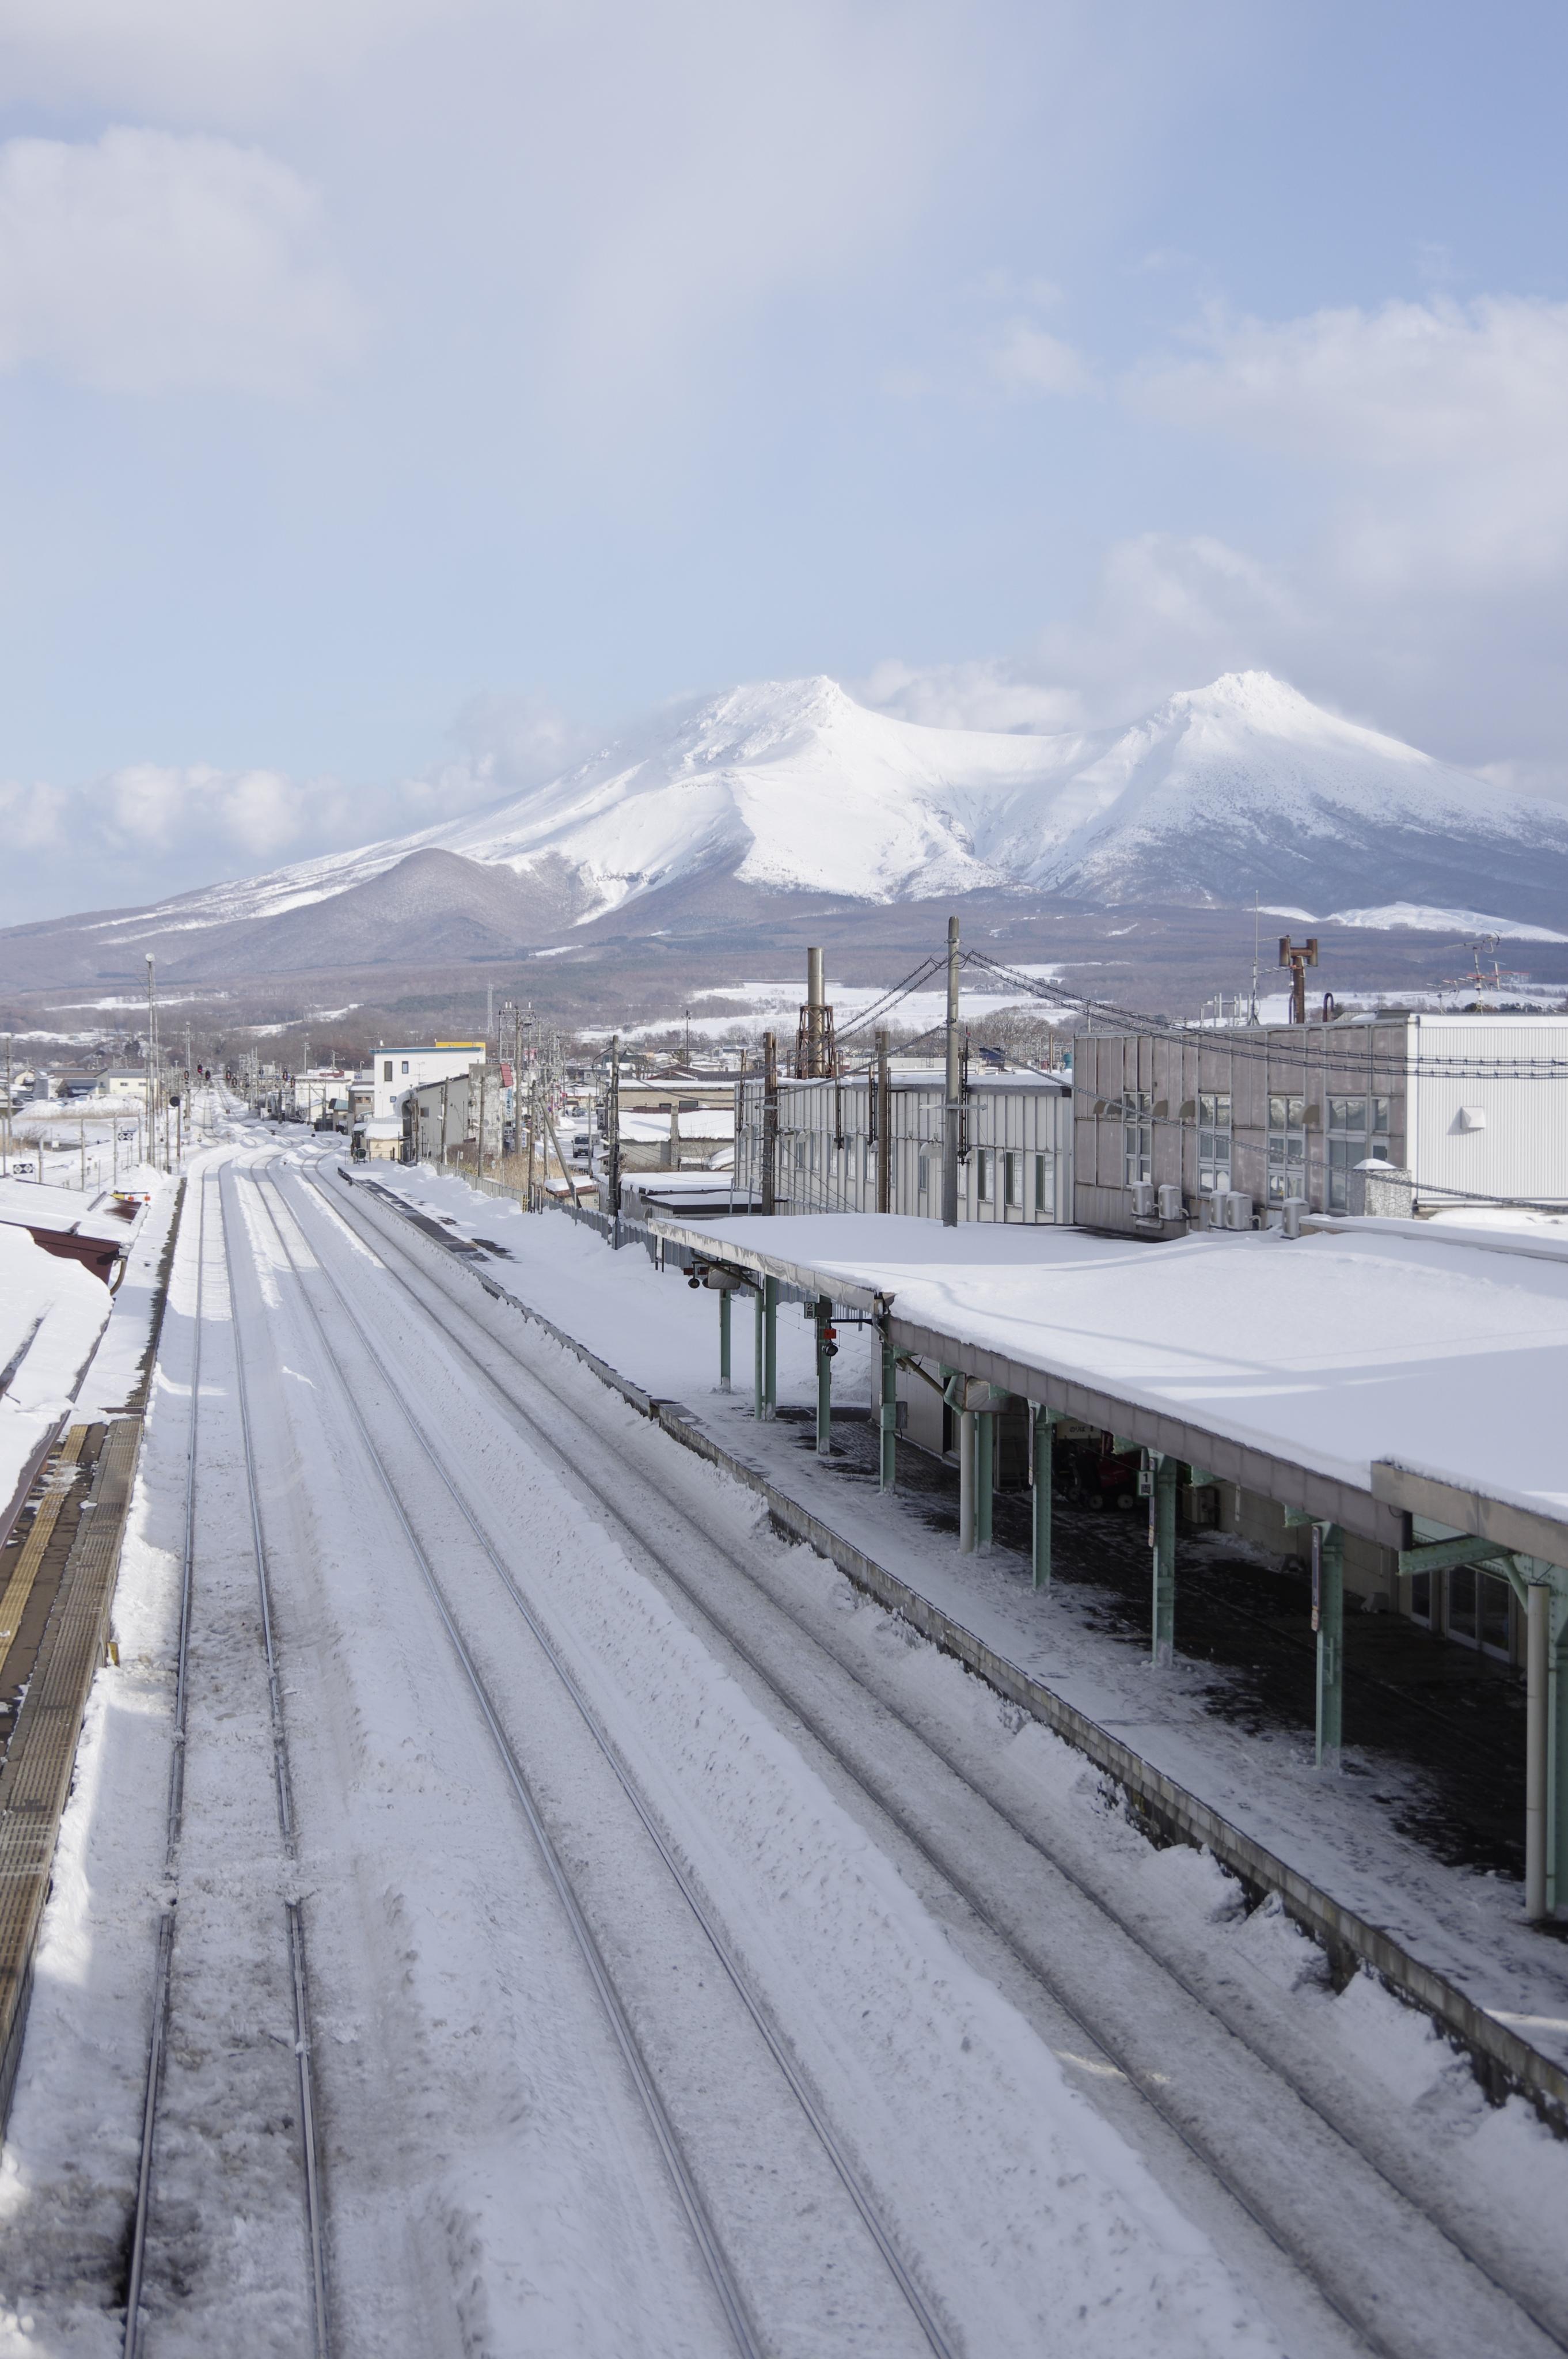 森駅 with 駒ケ岳.jpg